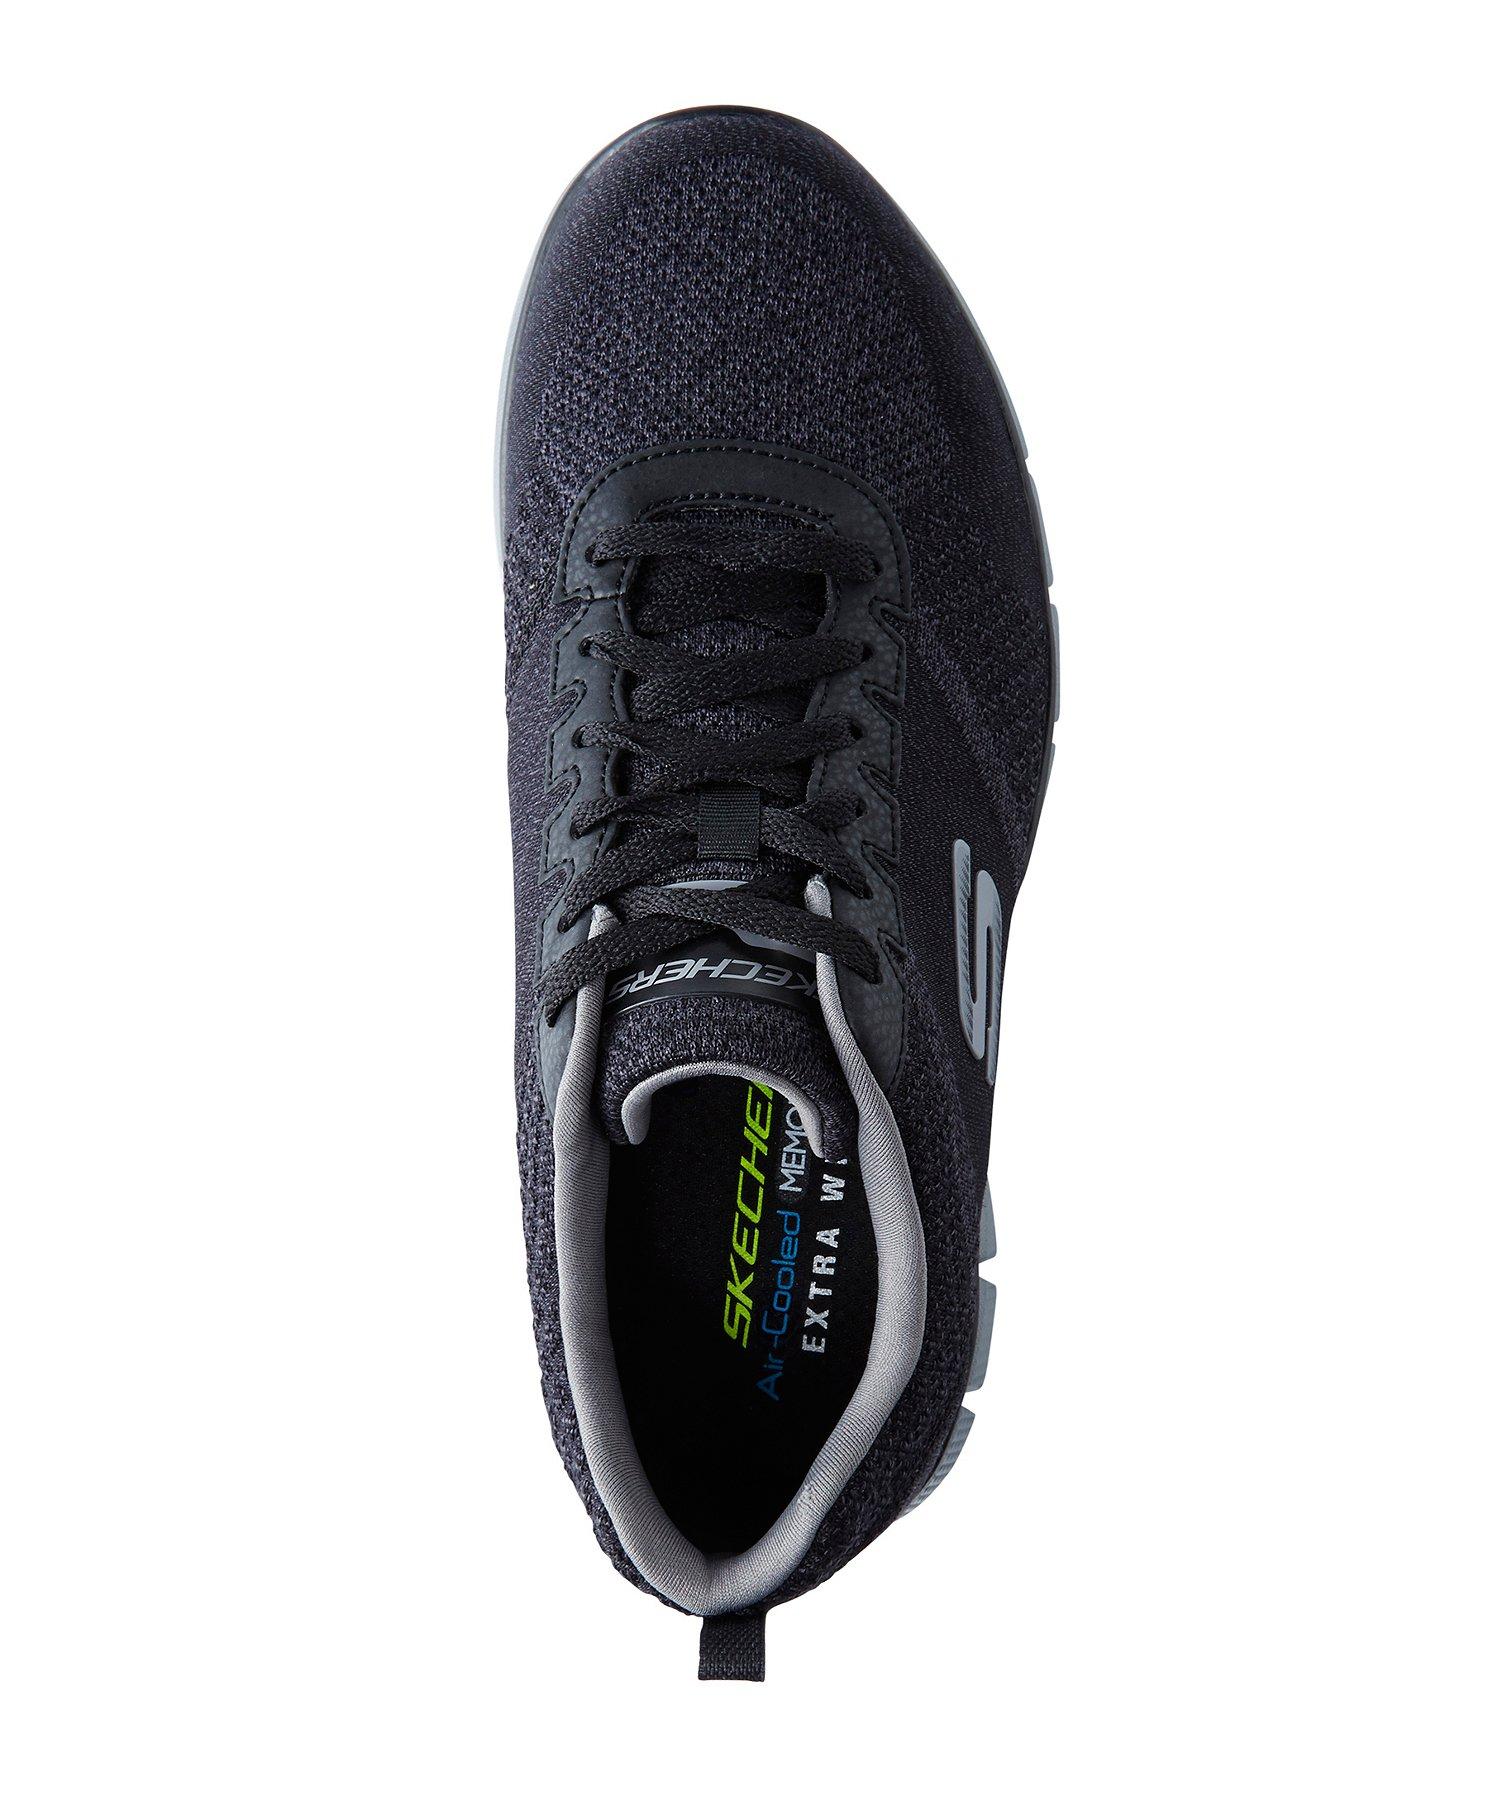 Chaussures de sport larges pour hommes, True Balance